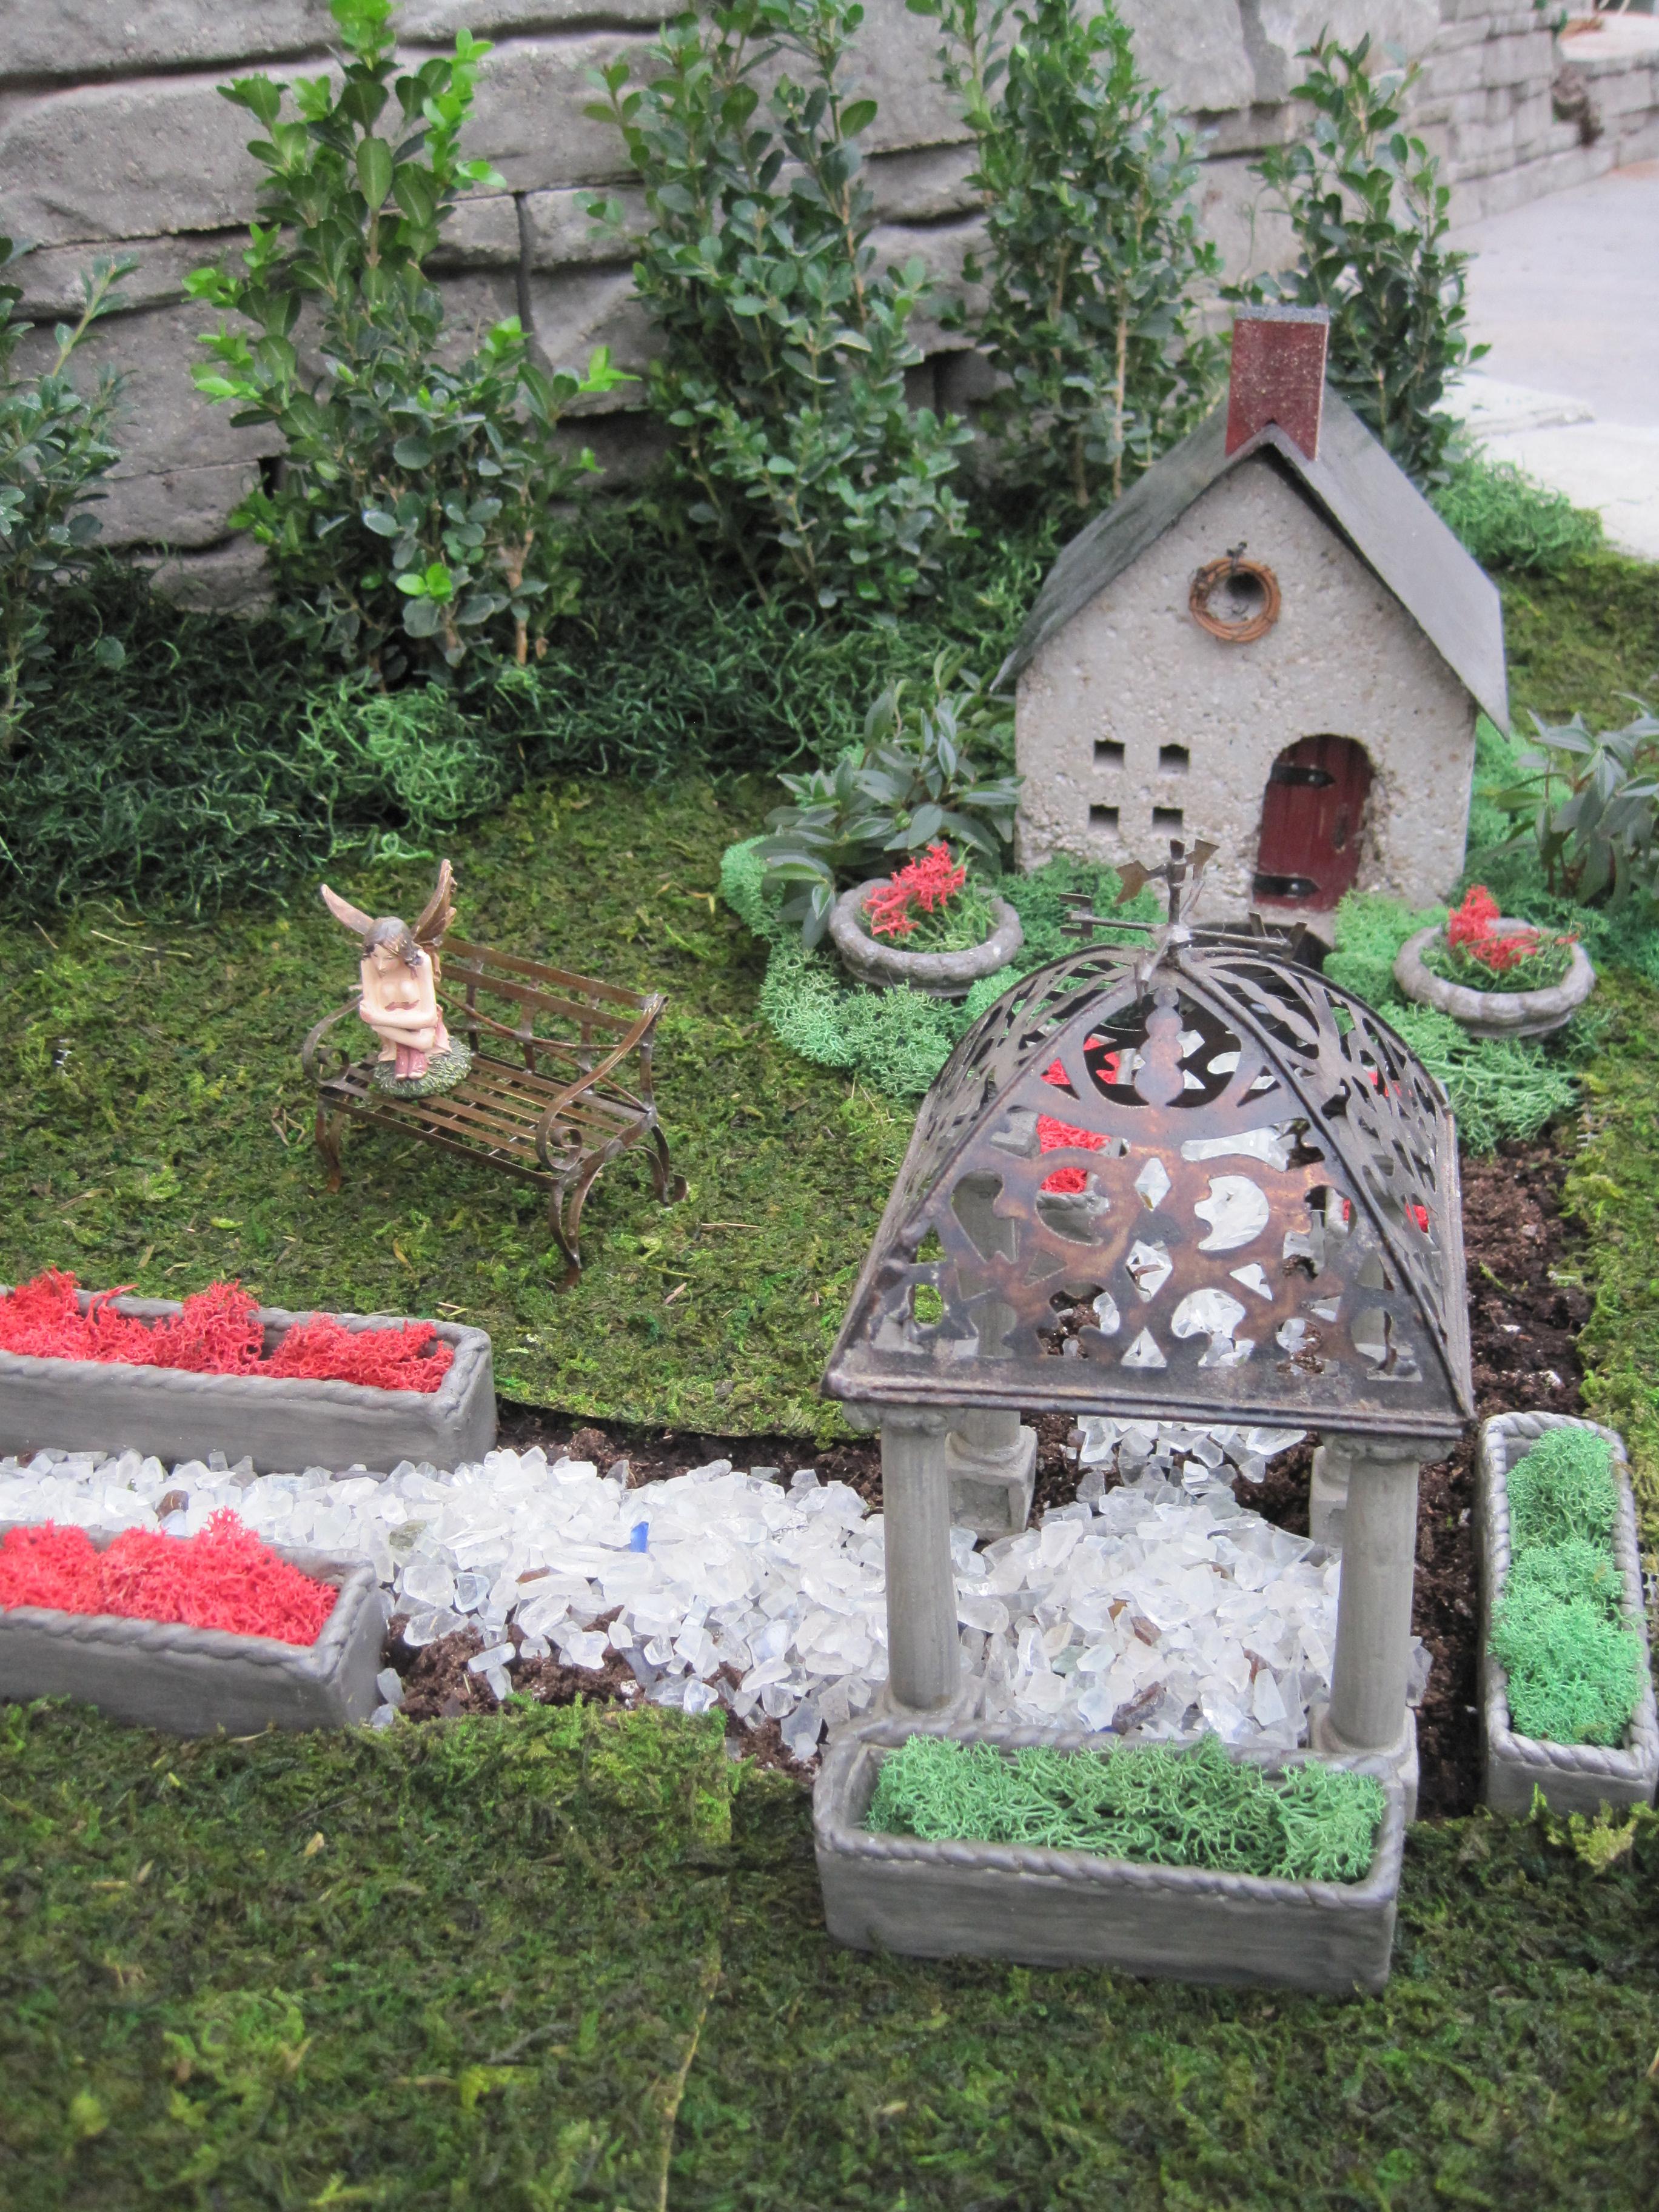 Building A Fairy Garden – Part 3